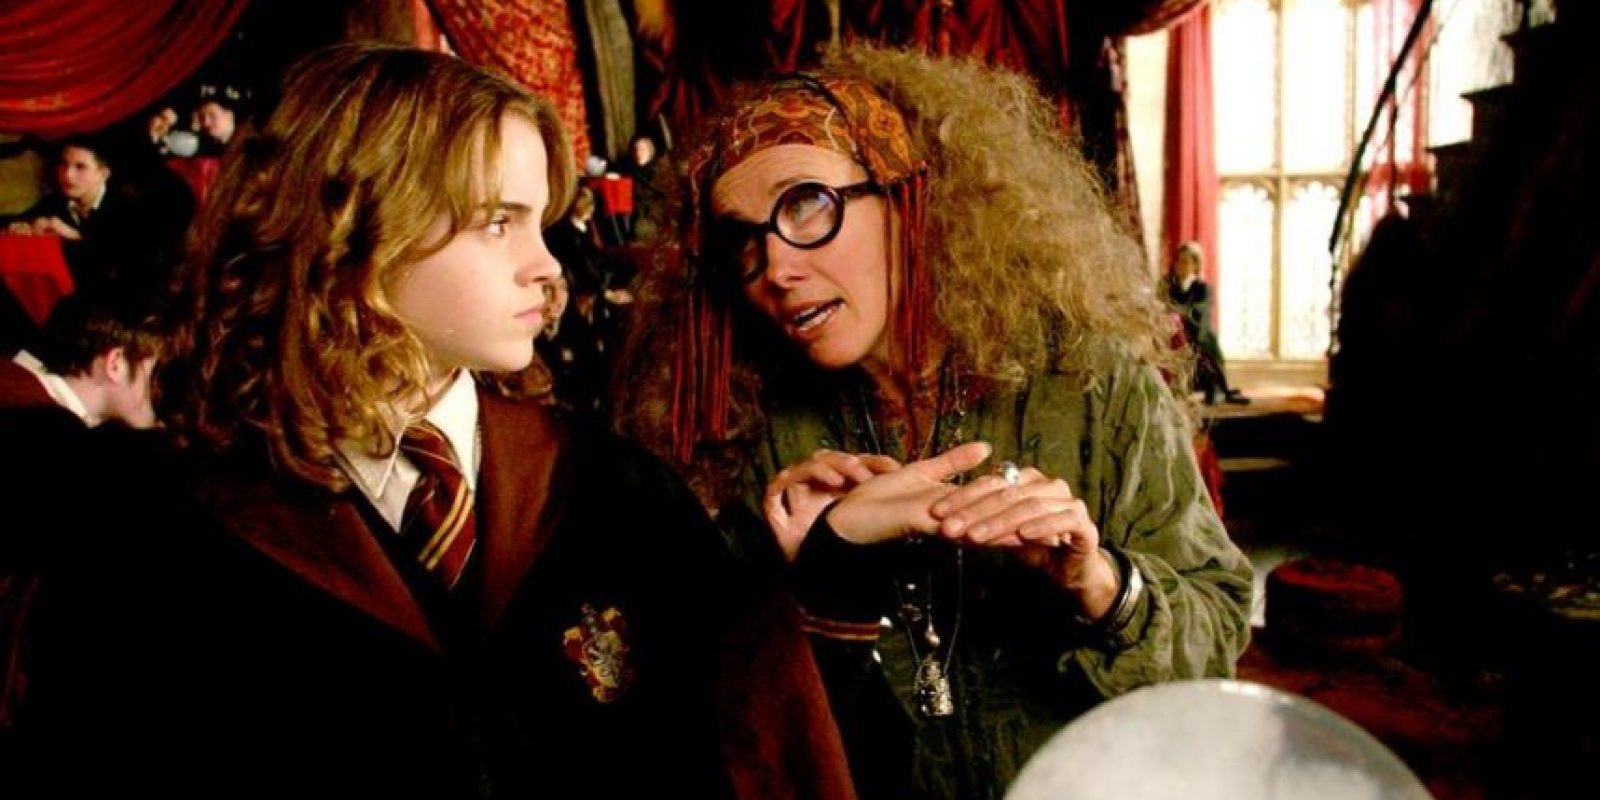 """Emma Thompson, quien le dio vida a la profesora """"Sybill Trelawney"""", confesó que fue víctima del abuso de un mago cuando tenía ocho años. Foto:vía facebook.com/harrypottermovie"""